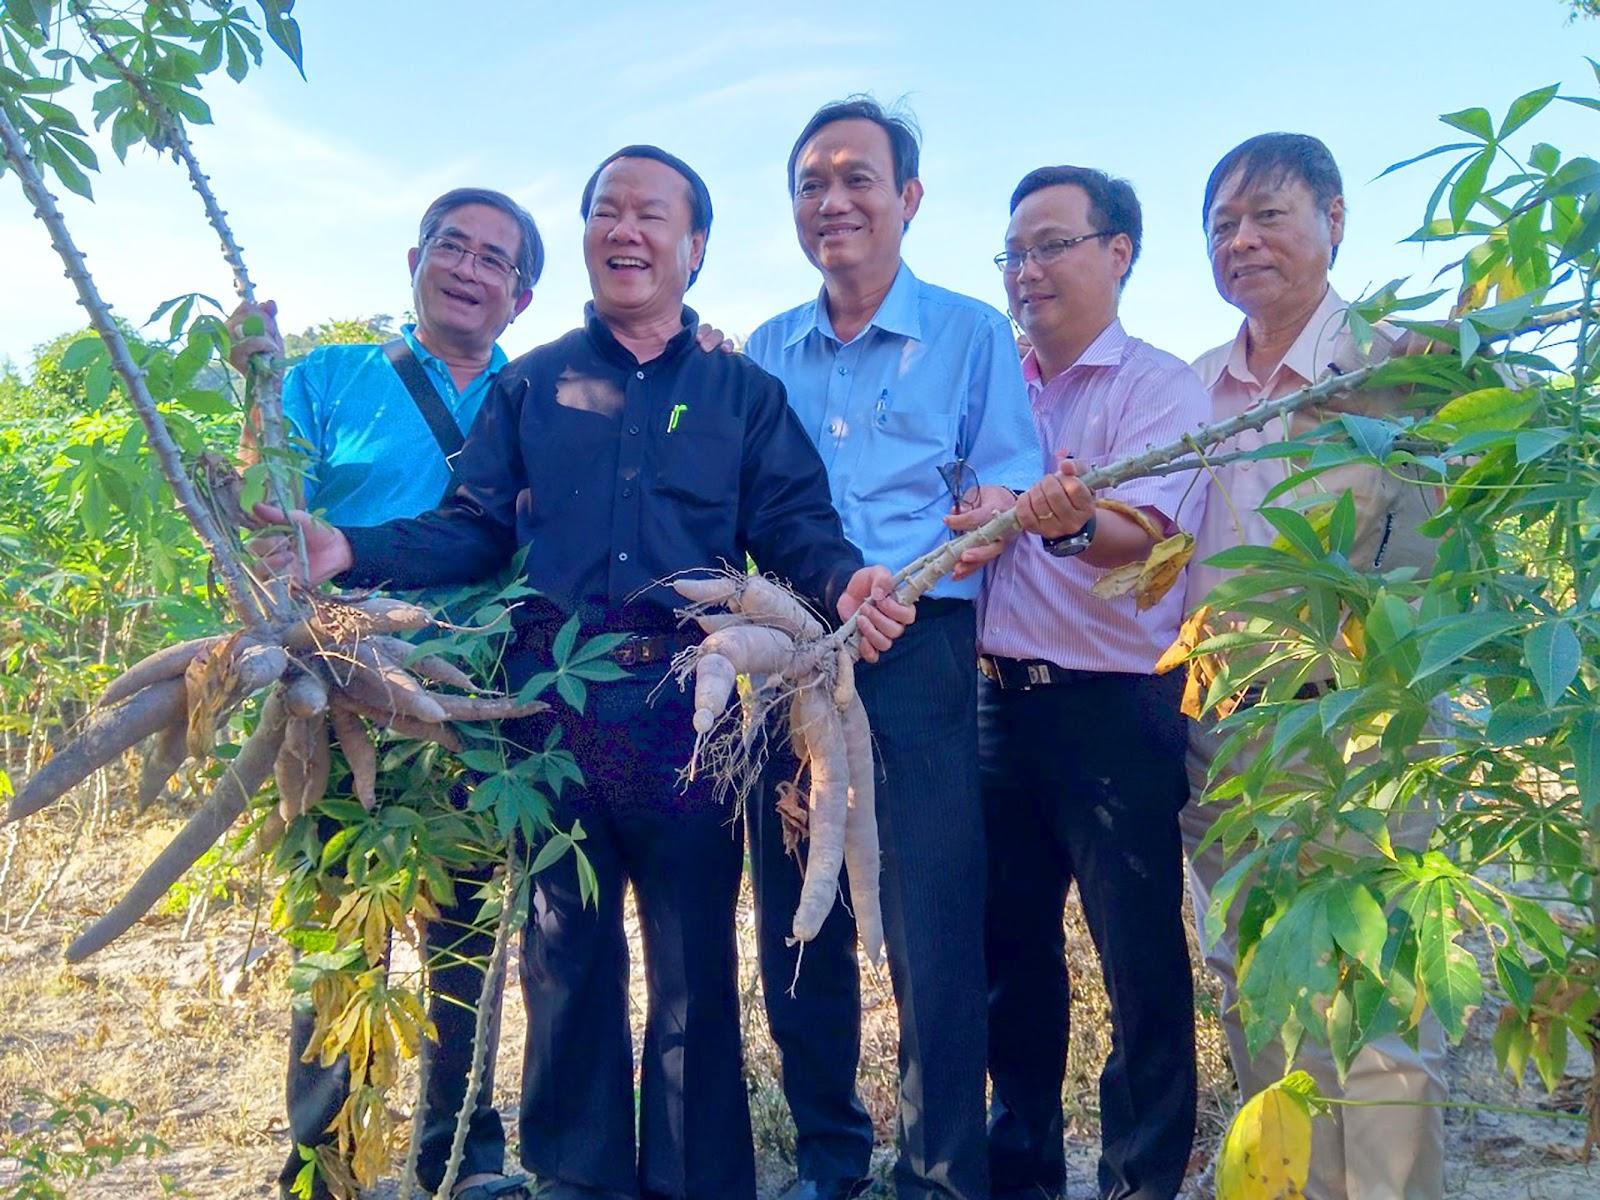 1. Lãnh đạo Sở Nông nghiệp & PTNT An Giang cùng với lãnh đạo Tập đoàn Sao Mai phấn khởi trước vụ mì 2019 tại huyện Tịnh Biên